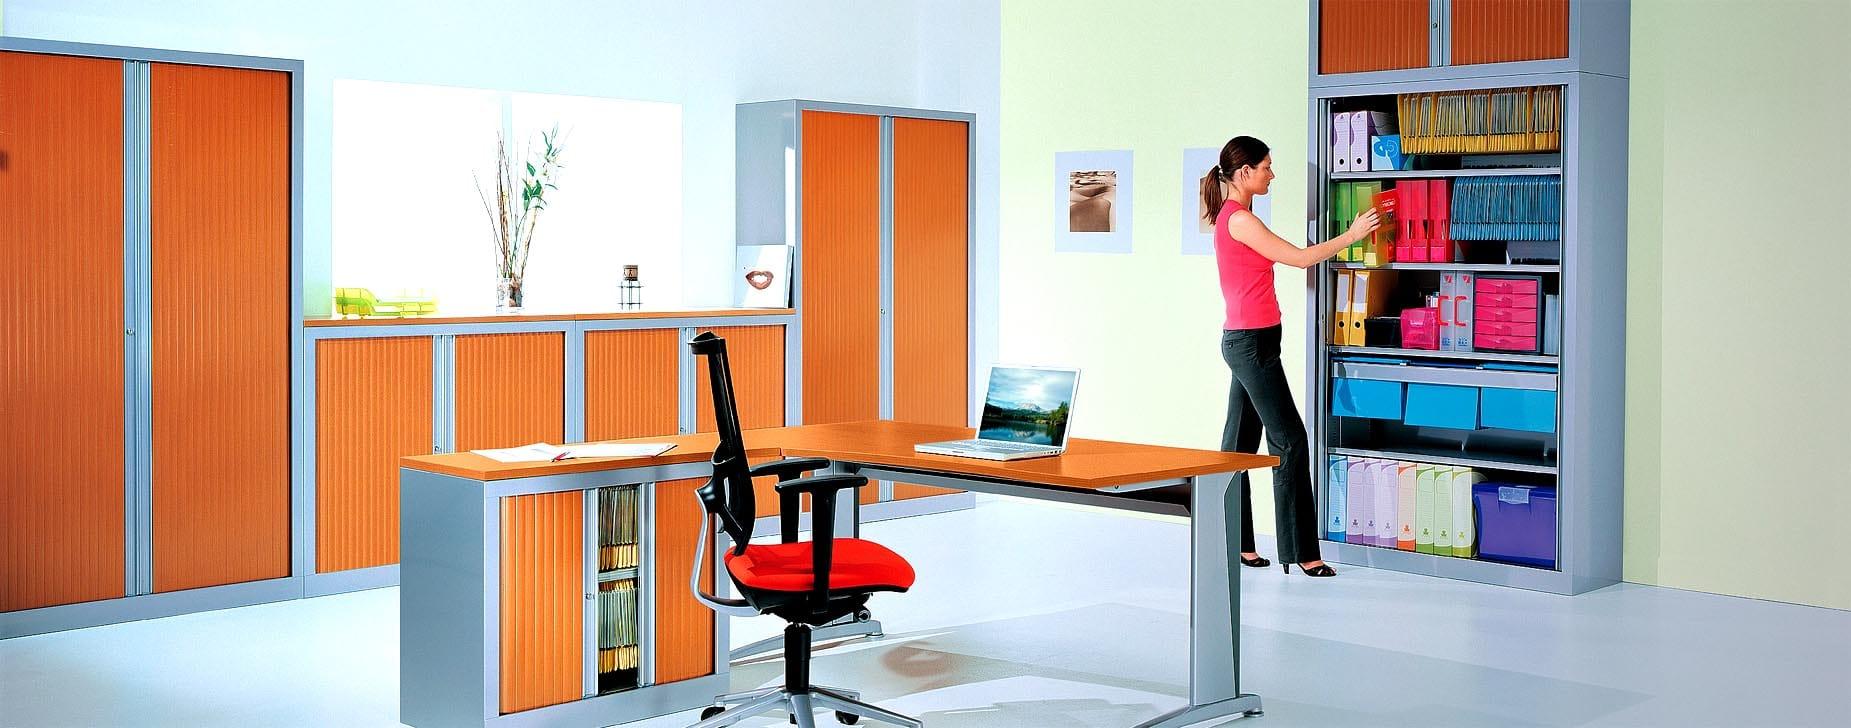 Un agencement d'armoires série PLUS au bureau